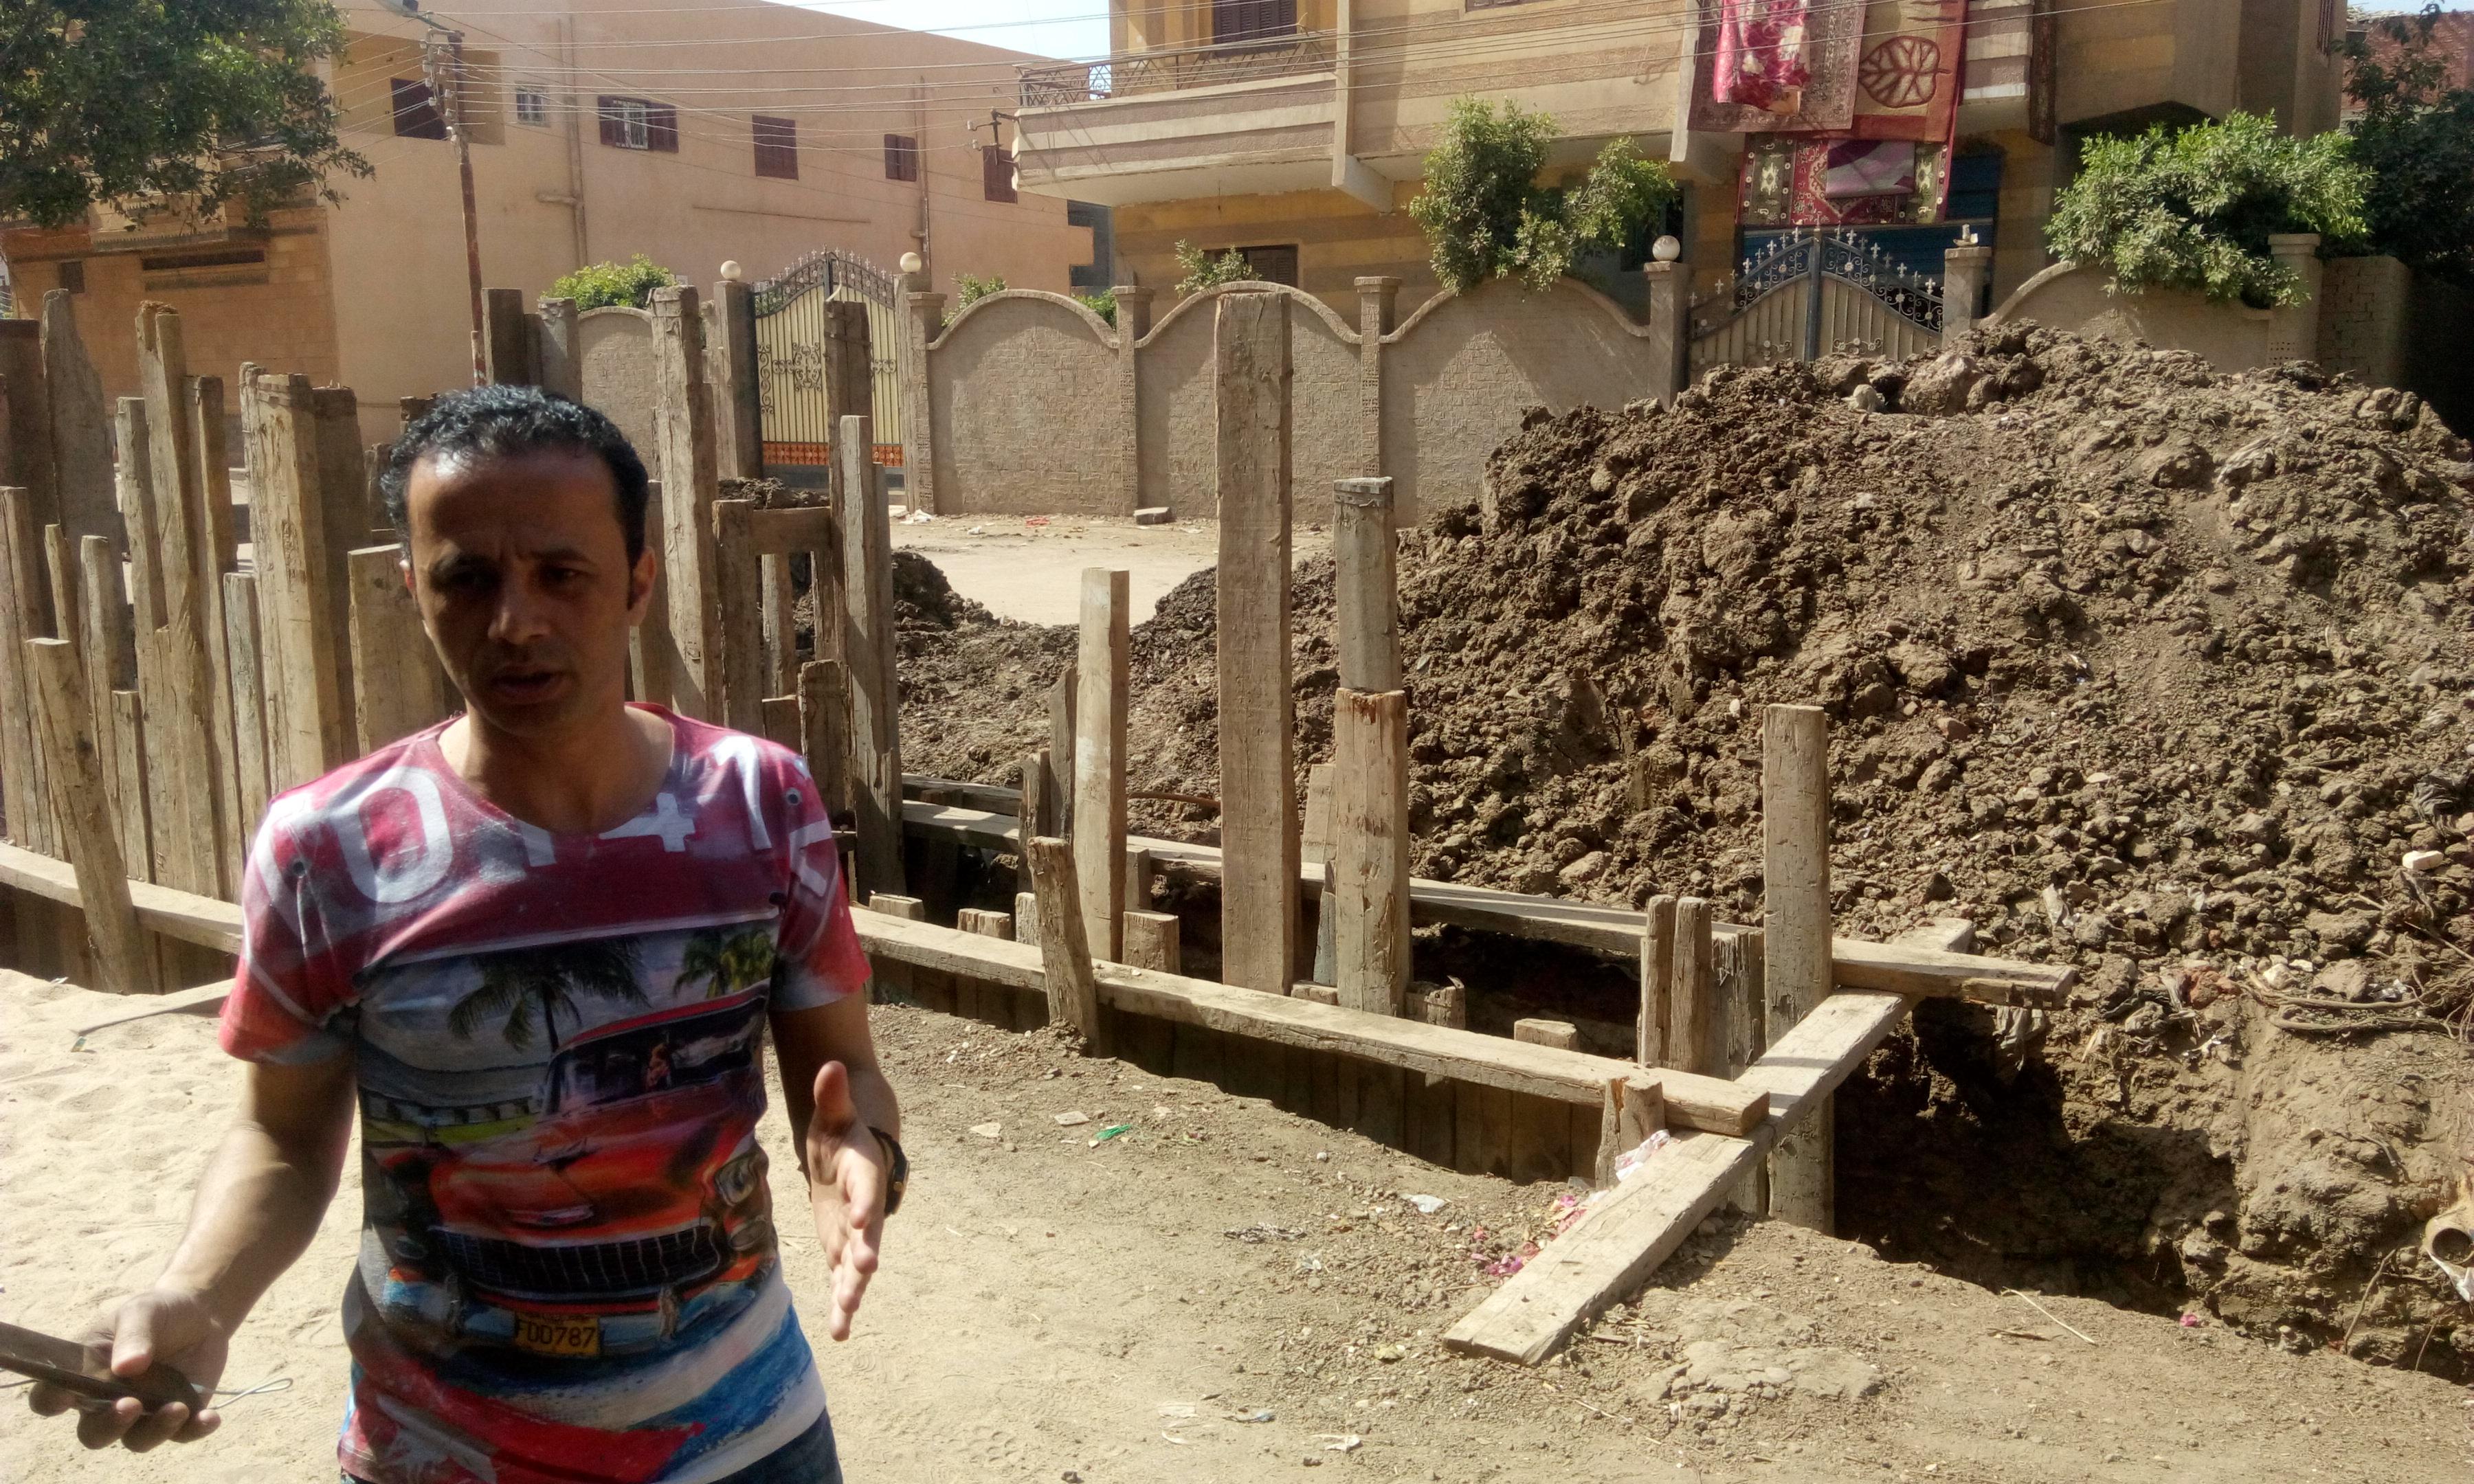 توقف العمل فى مشروع الصرف الصحى بقرية شبراملس فى الغربية (18)